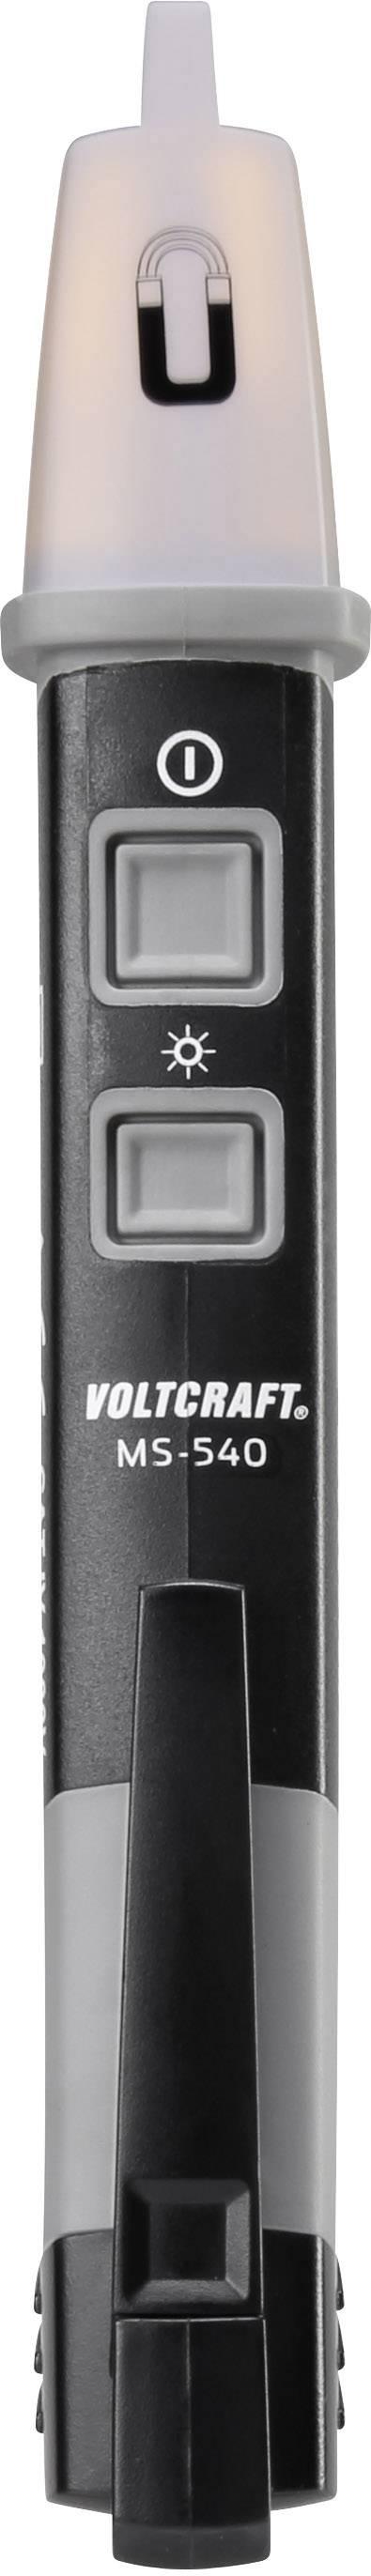 Bezkontaktní zkoušečka napětí Voltcraft MS-540 SE